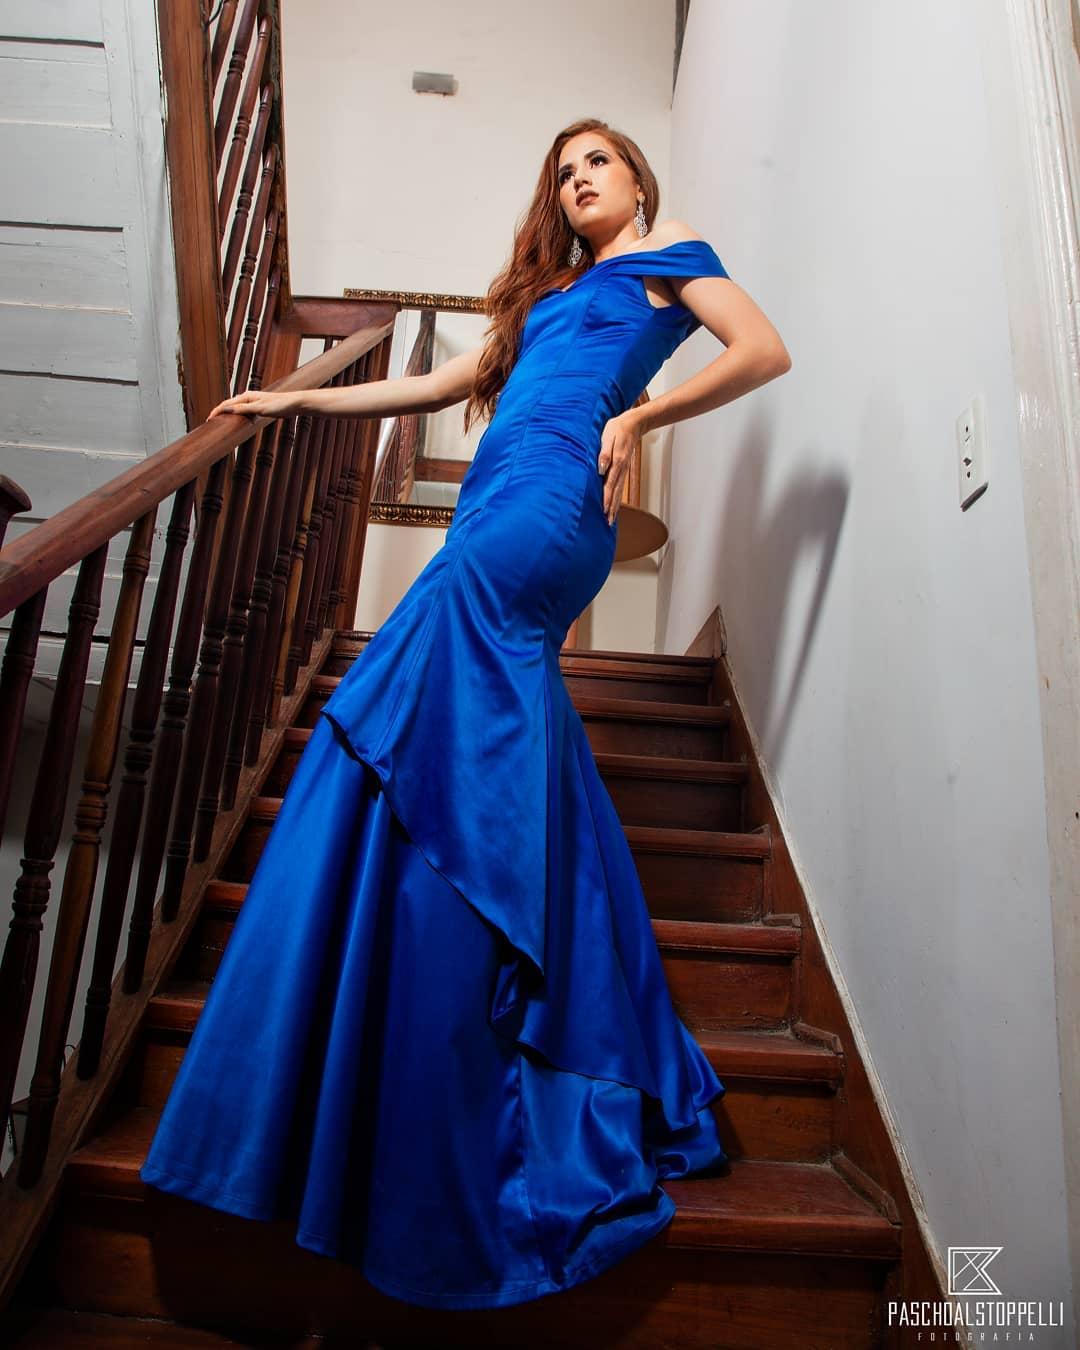 thelena rodrigues, vice miss ceara latina 2020. 70010210